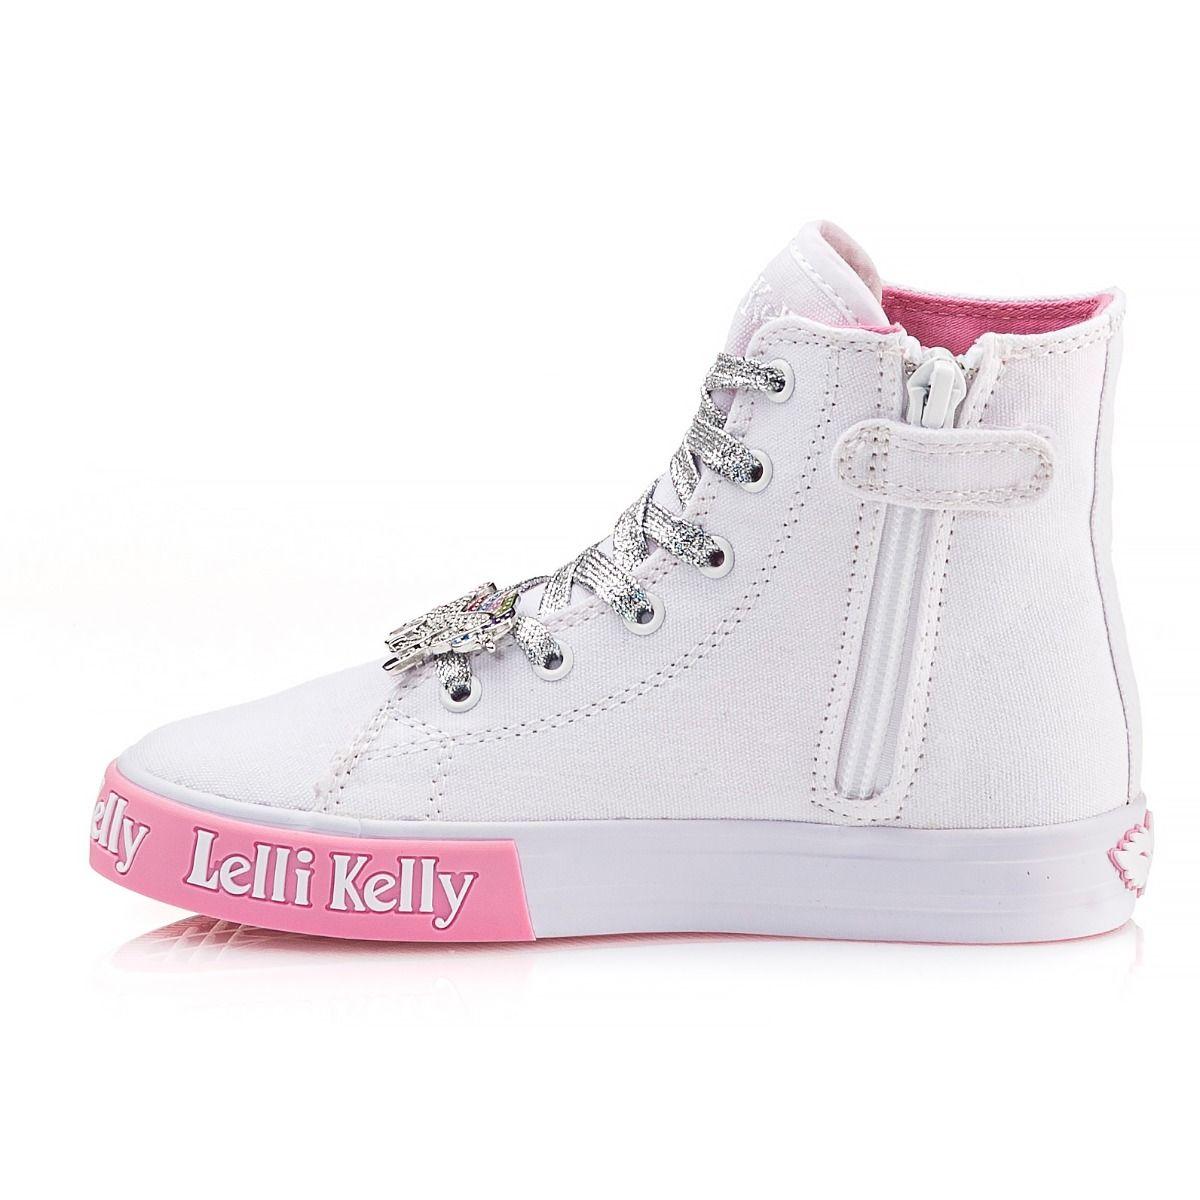 Κορίτσι μποτάκι Lelli Kelly Unicorn Wings LK1330